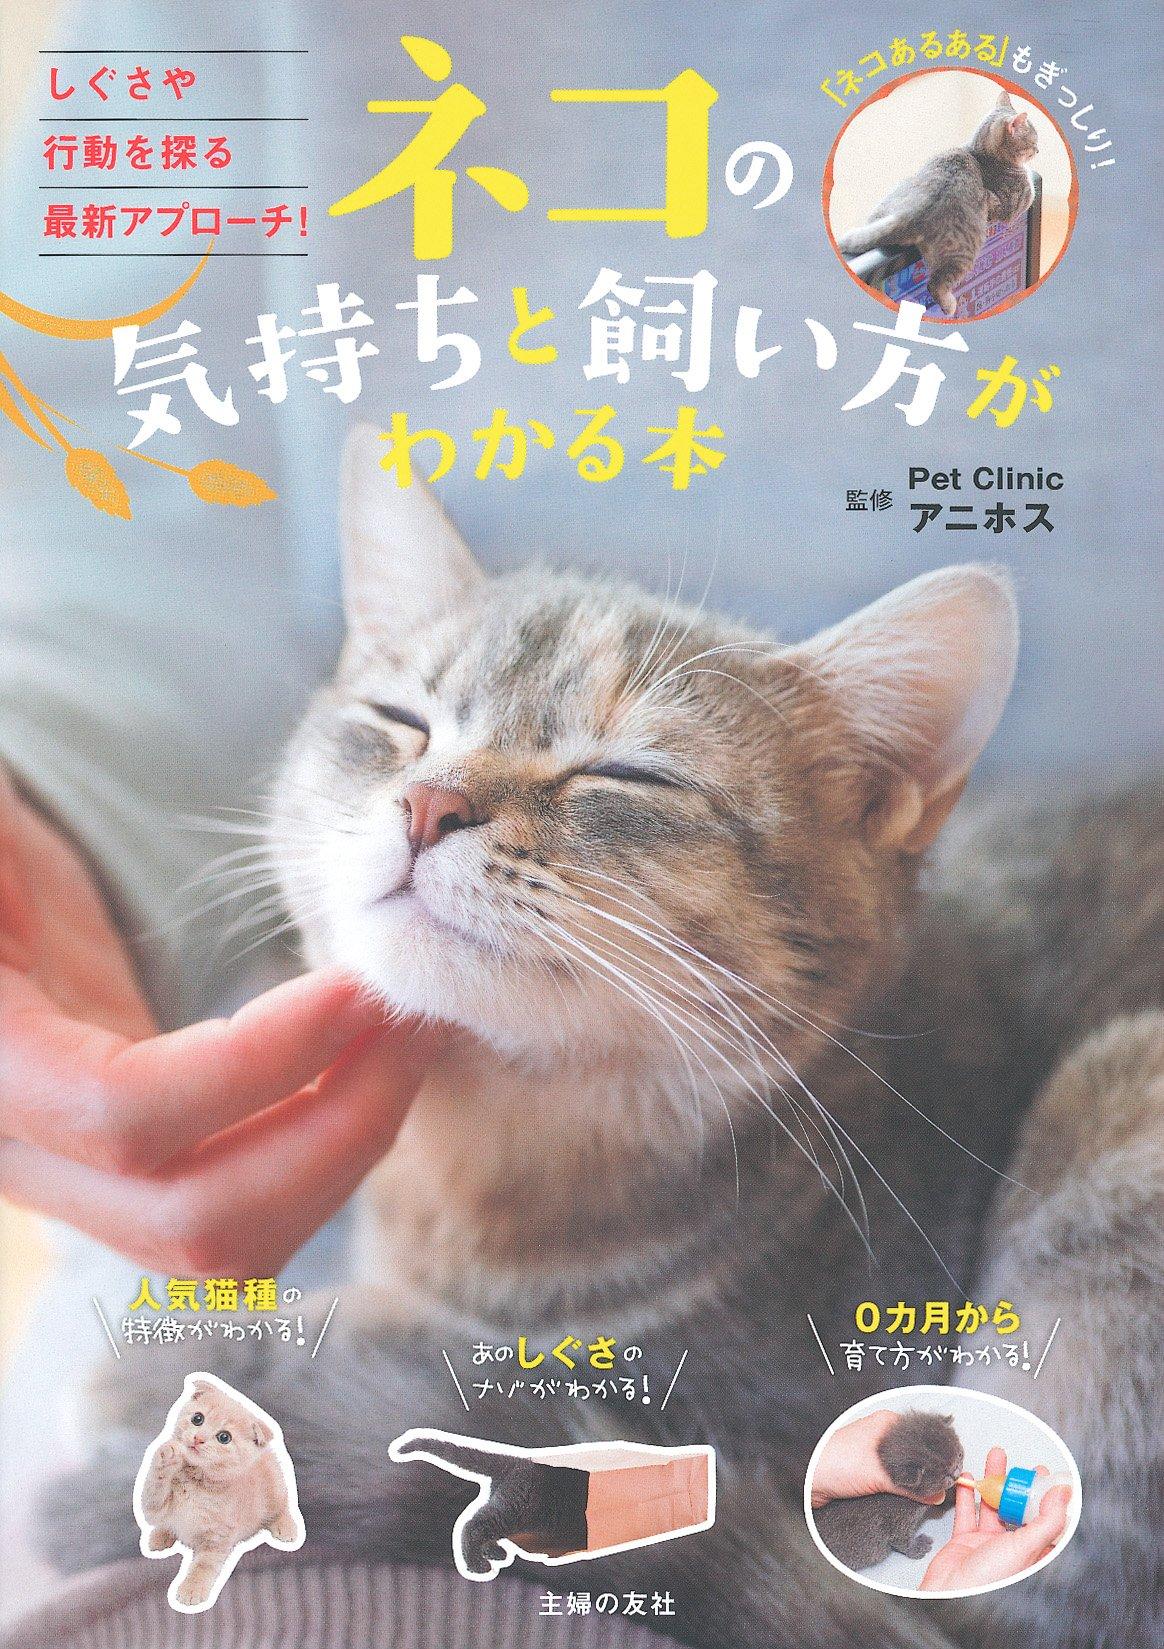 初めて 子猫 飼い 方